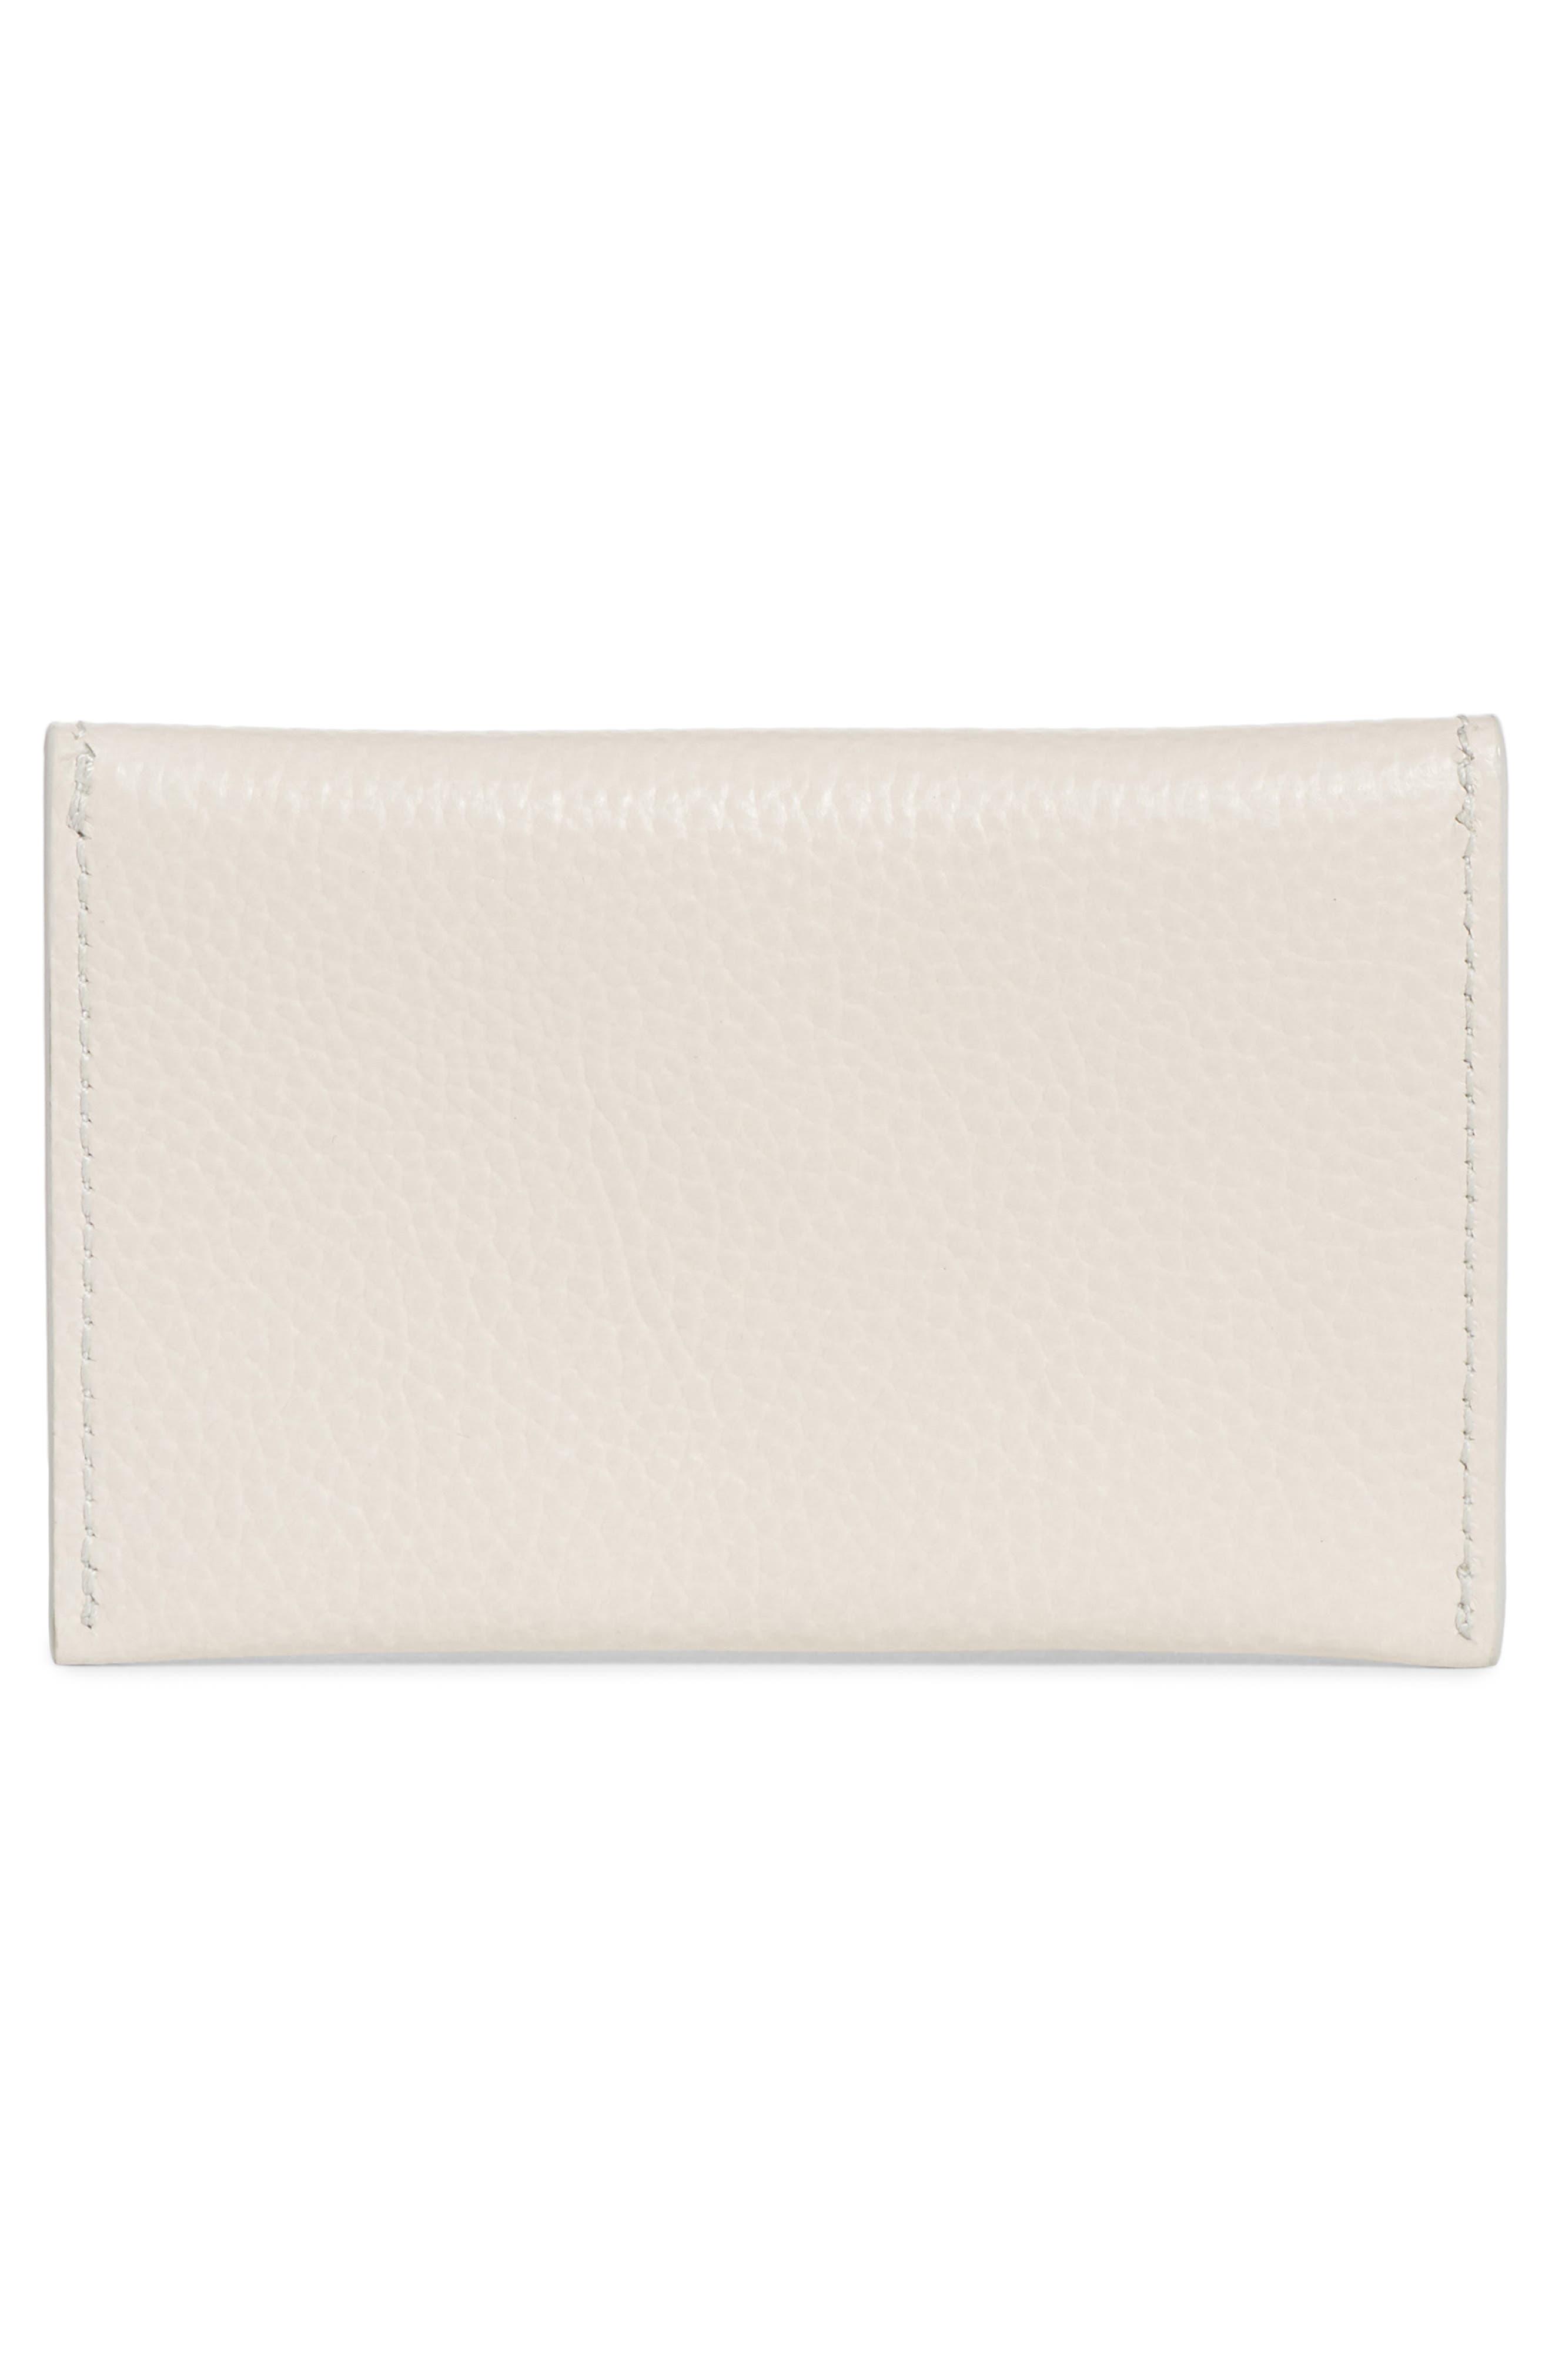 Envelope Card Holder,                             Alternate thumbnail 2, color,                             OFF WHITE